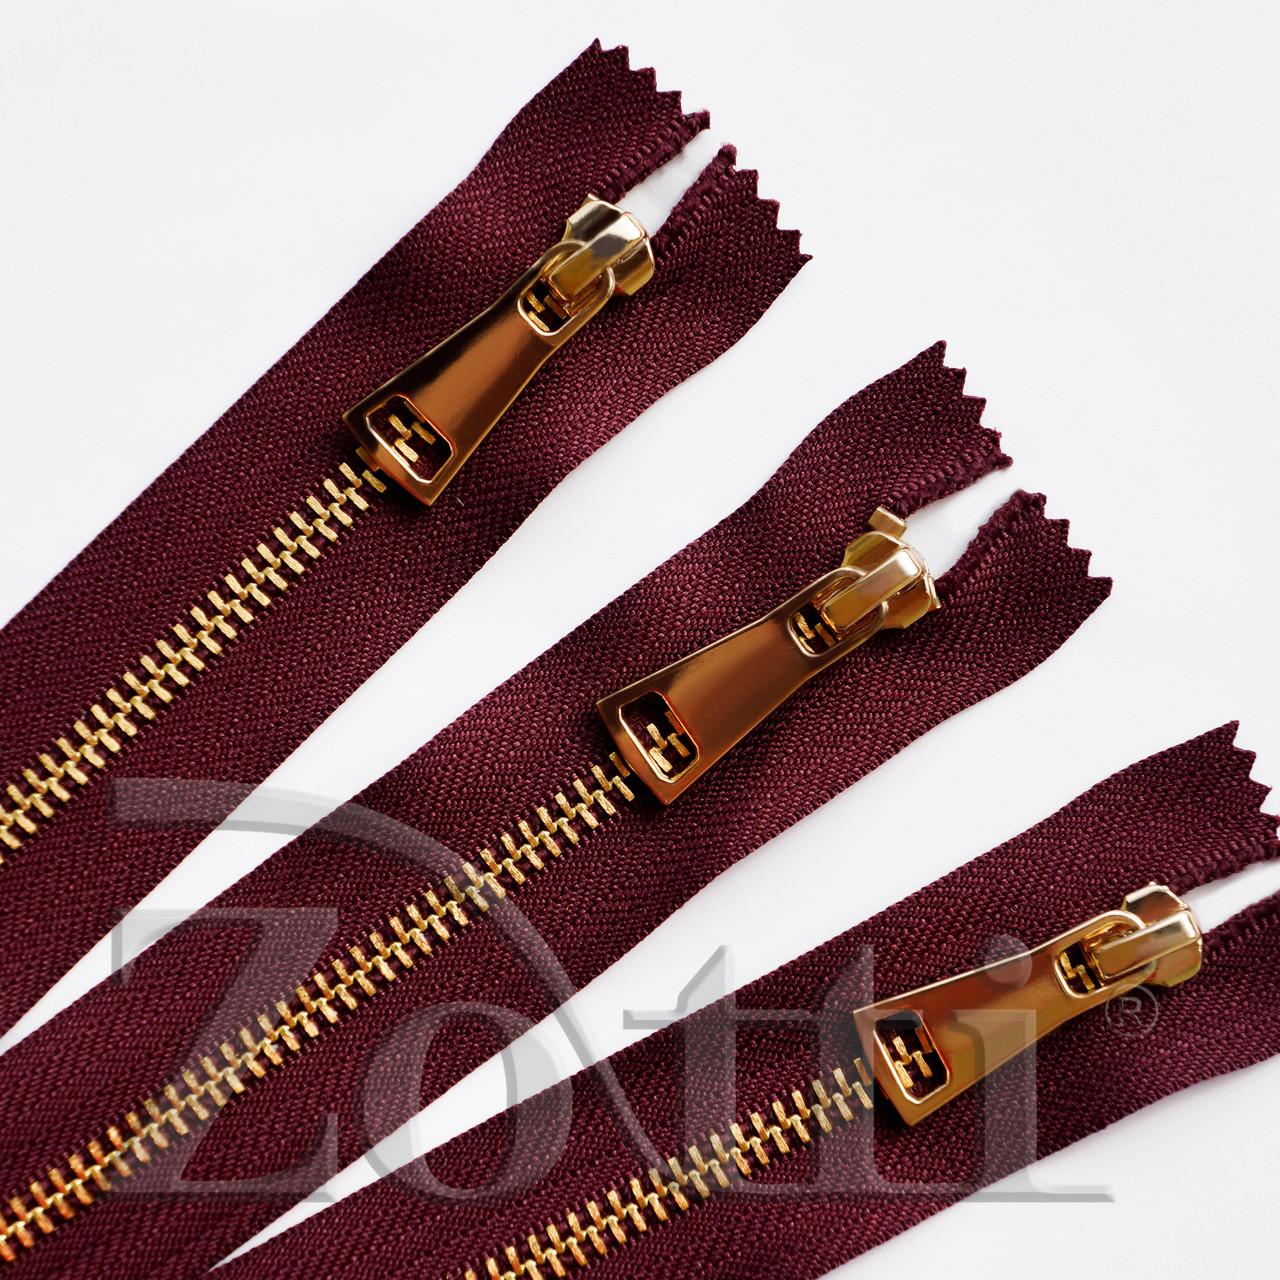 Молния (змейка,застежка) металлическая №5, размерная, обувная, бордовая, с золотым бегунком № 115 - 25 см